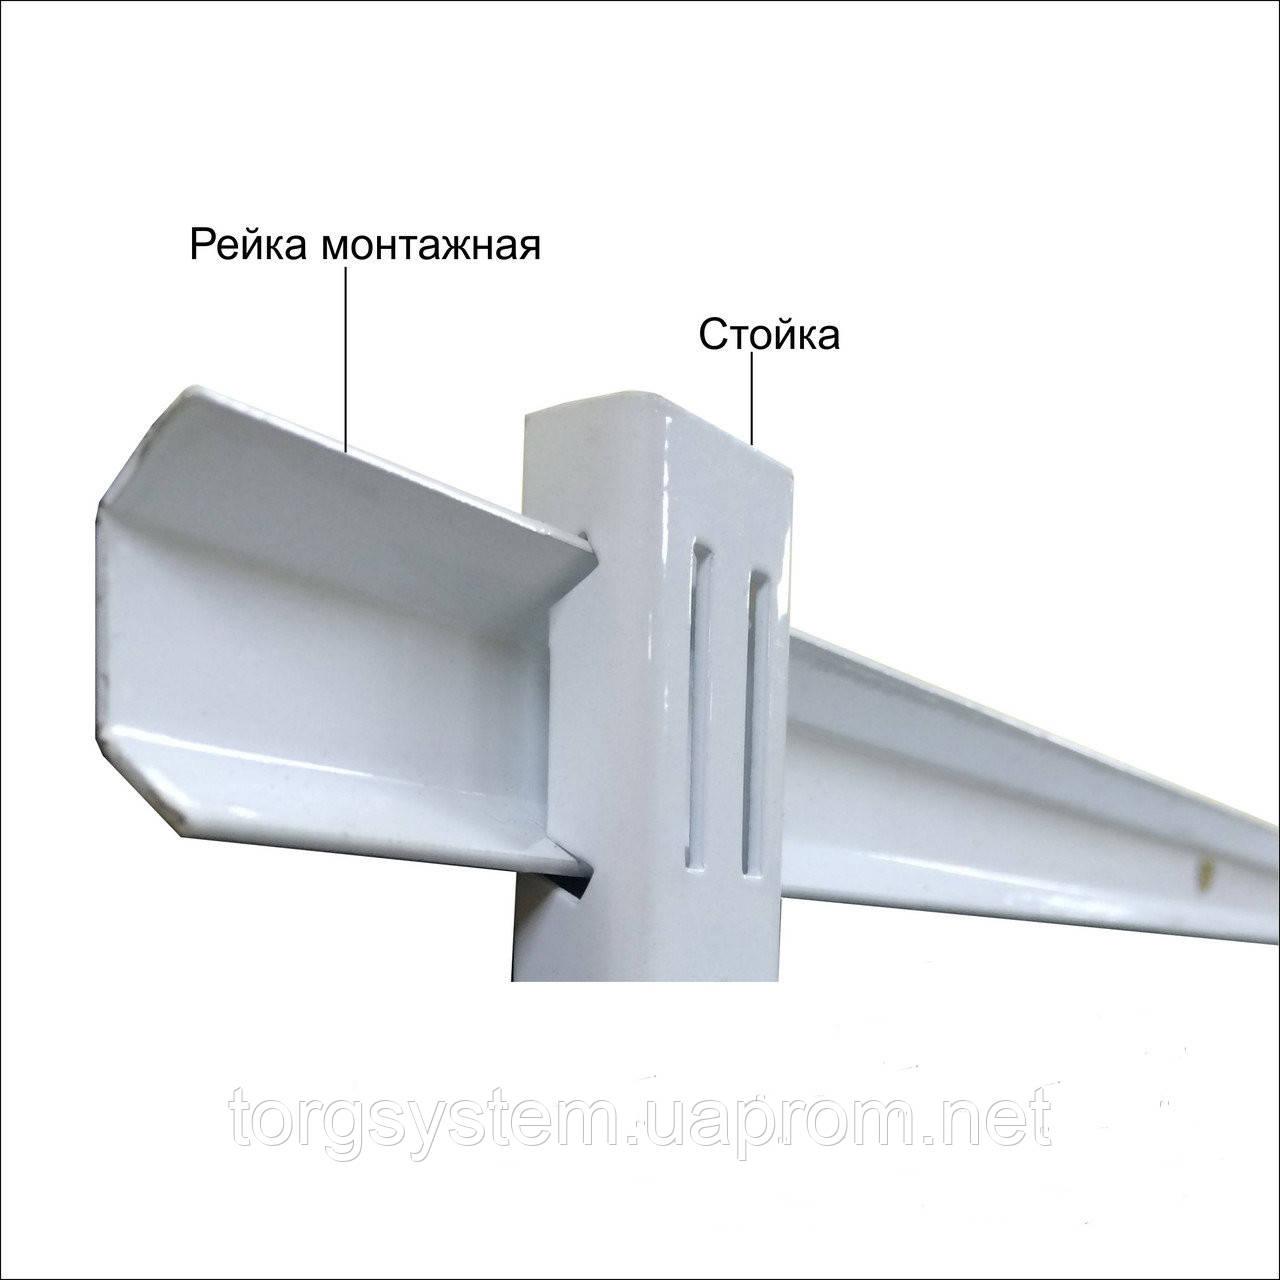 Рейка монтажная для крепления стоек в гардеробной системы 1000 мм